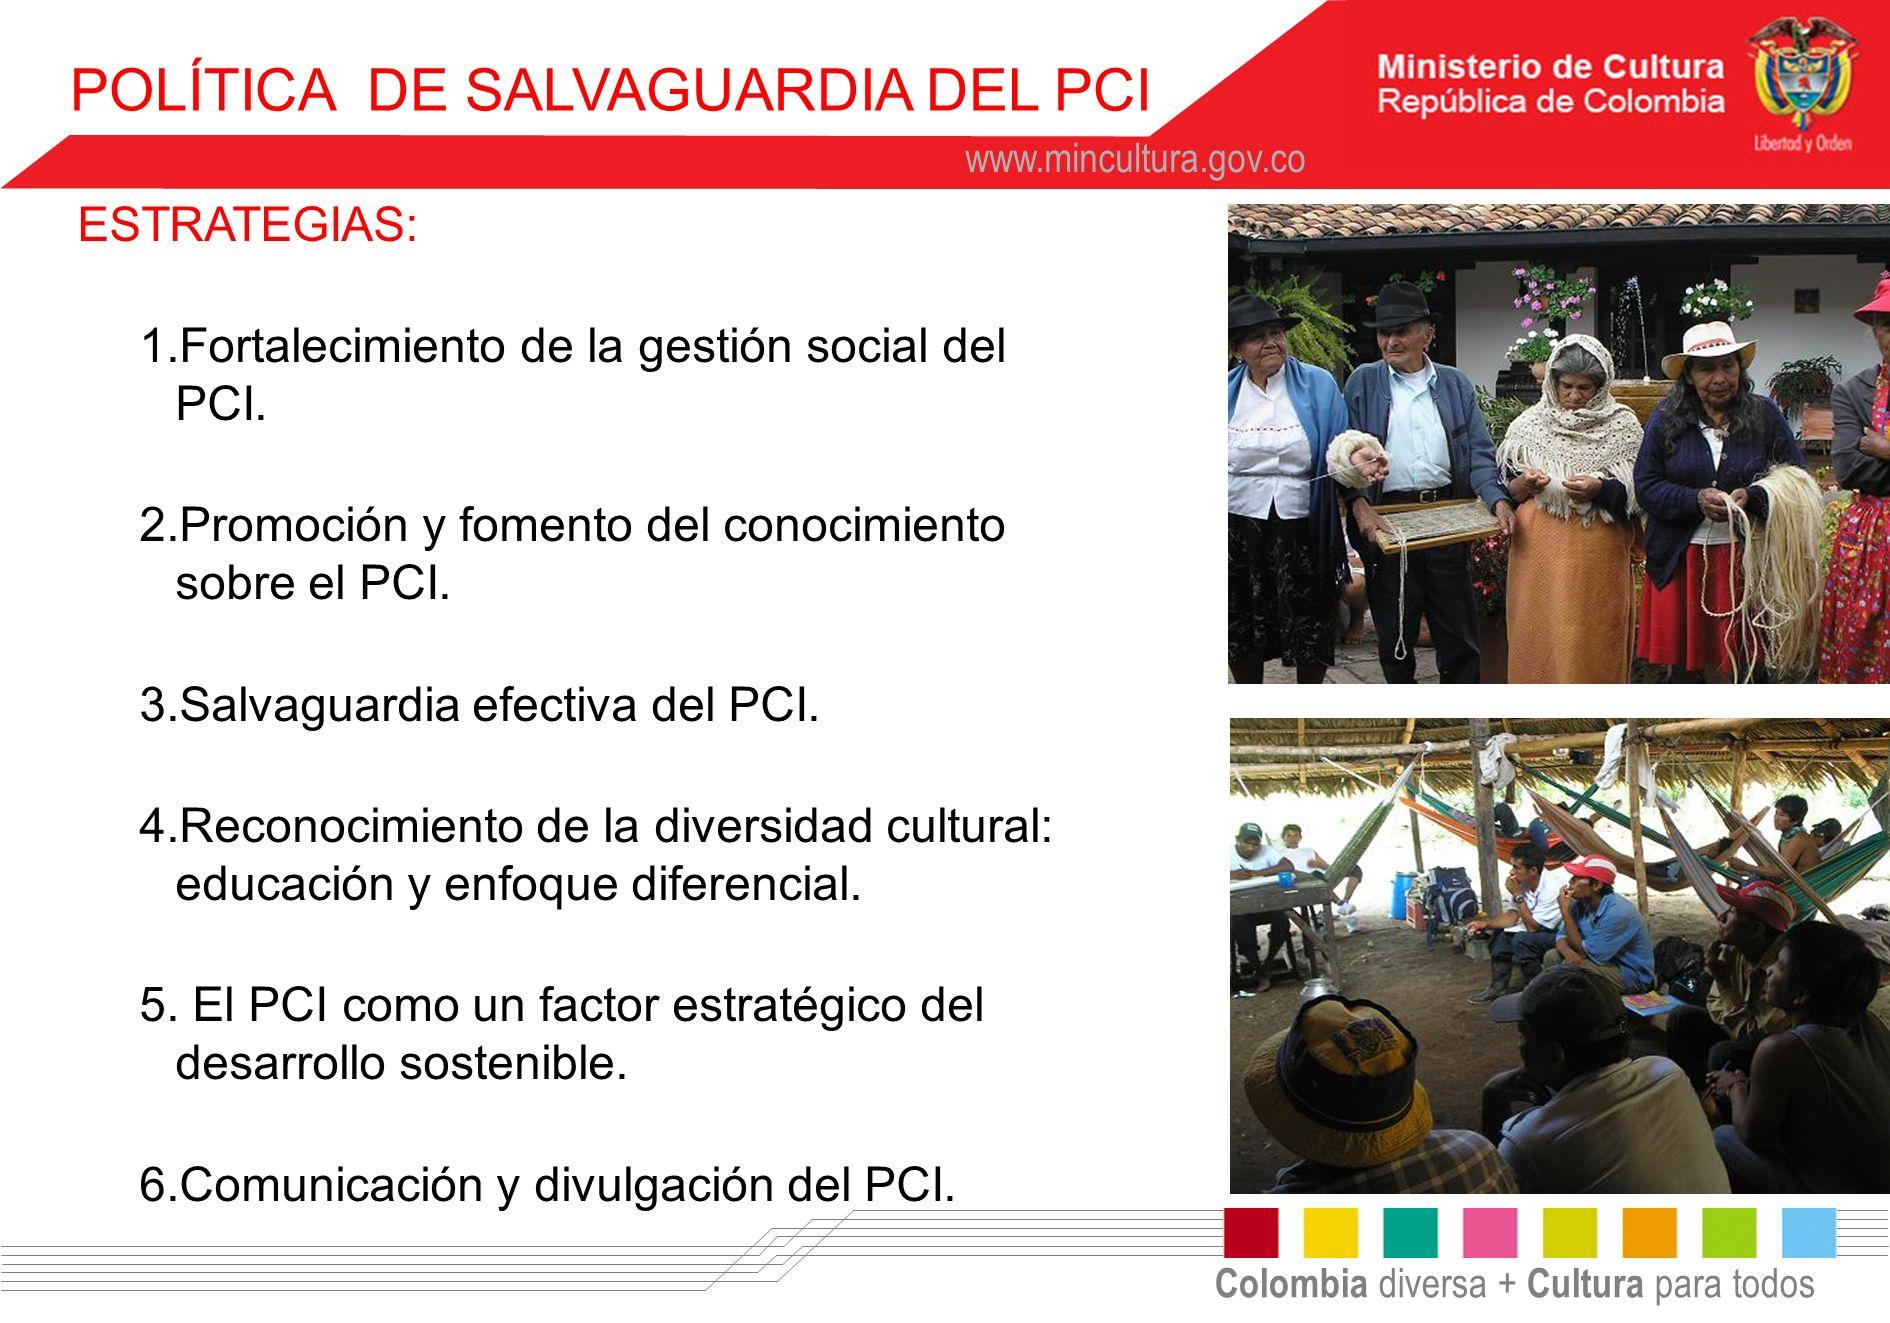 Colombia diversa + Cultura para todos www.mincultura.gov.co POLÍTICA DE SALVAGUARDIA DEL PCI ESTRATEGIAS: 1.Fortalecimiento de la gestión social del P